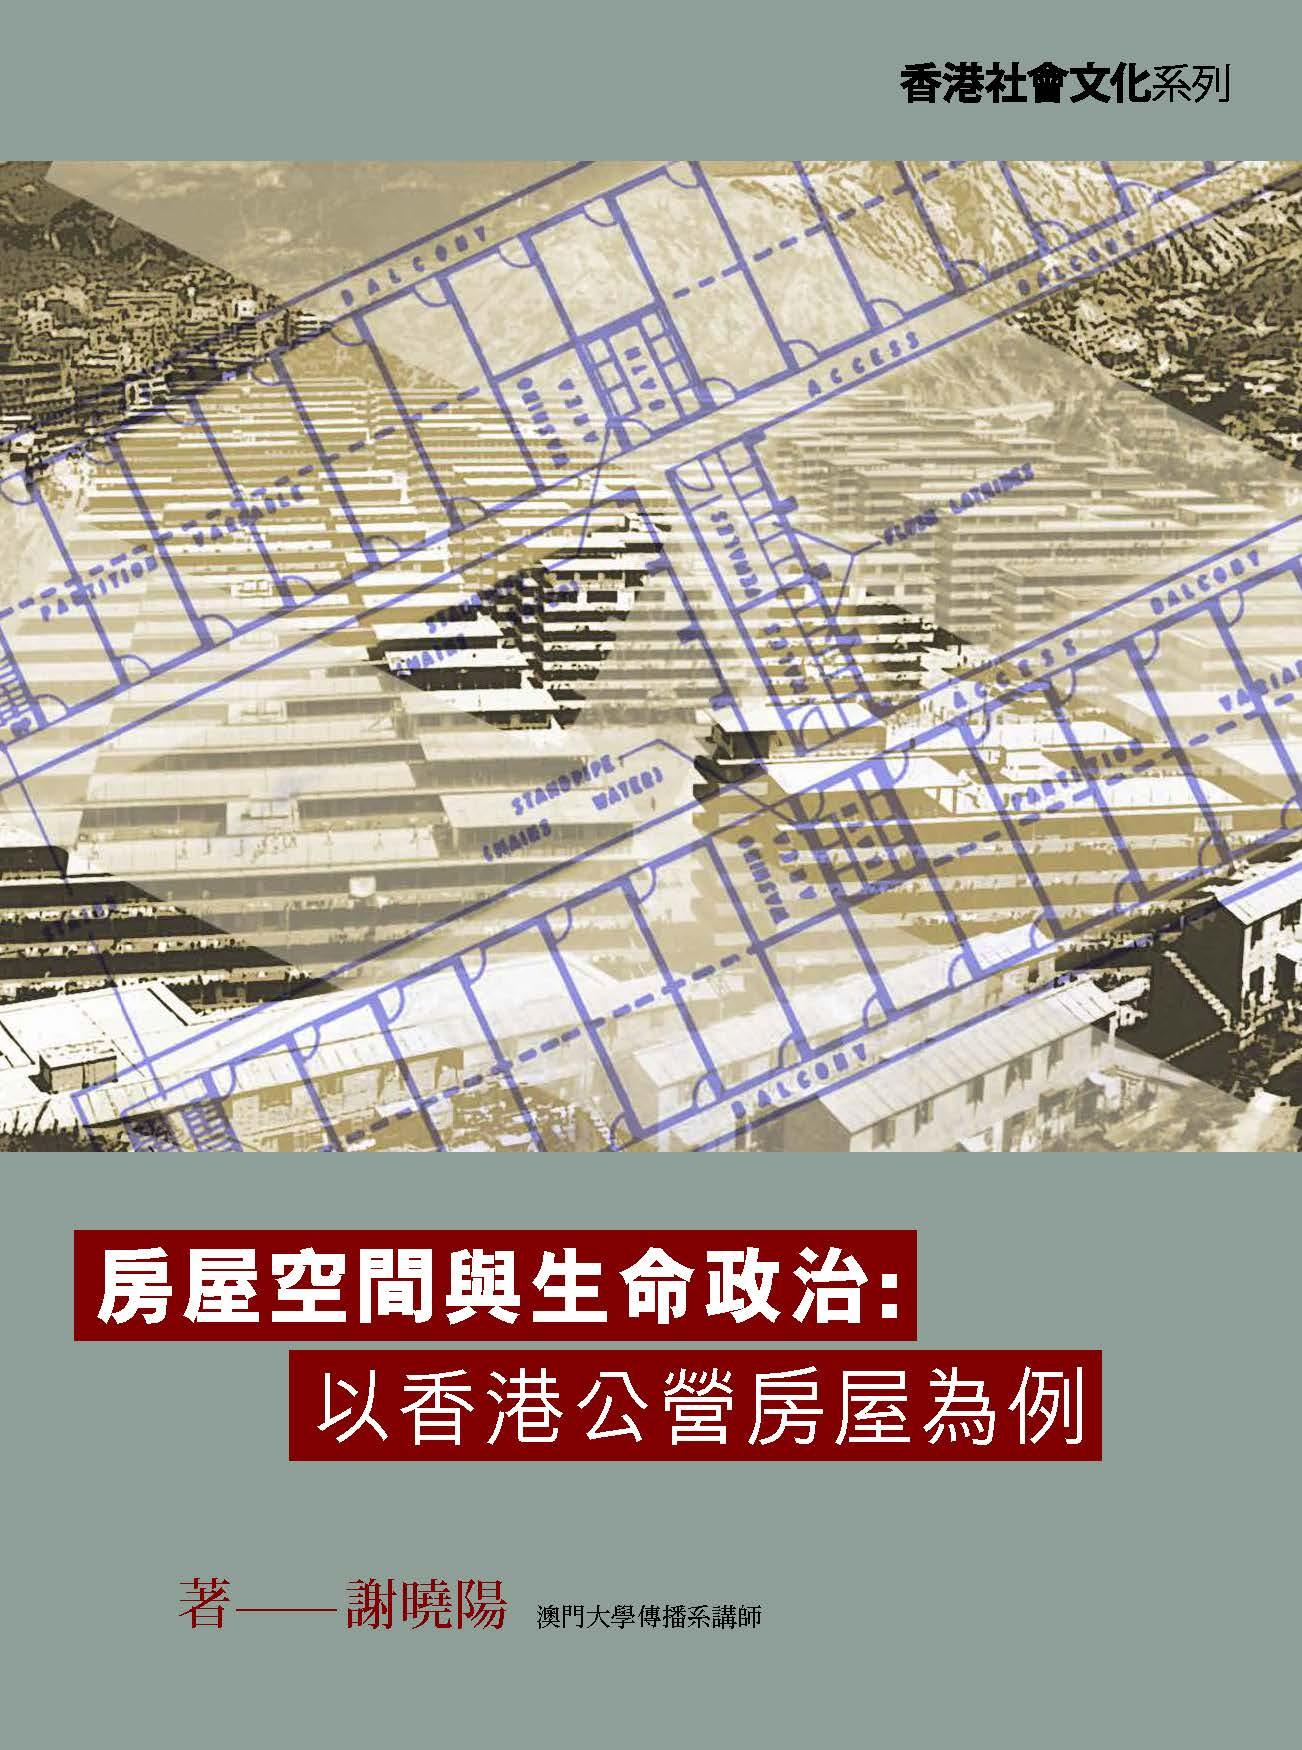 HKSCS-016-tky